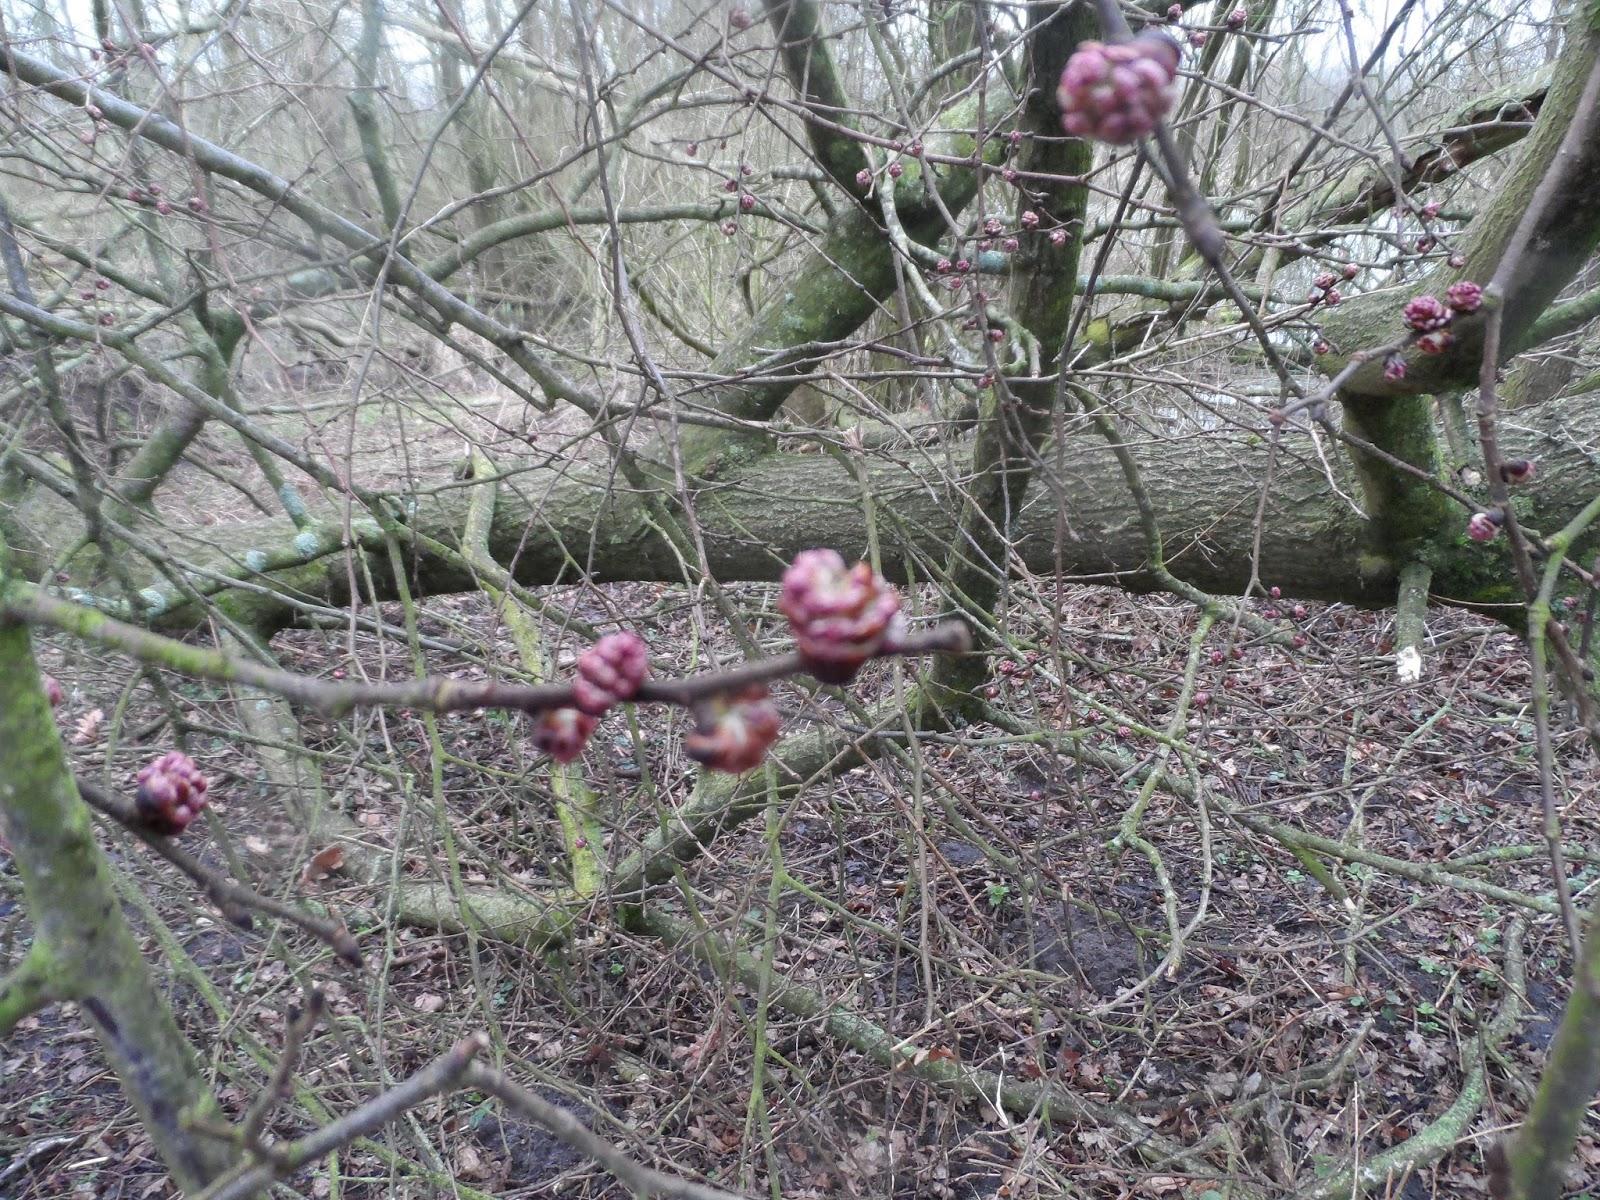 lidt forårs tegn i skoven